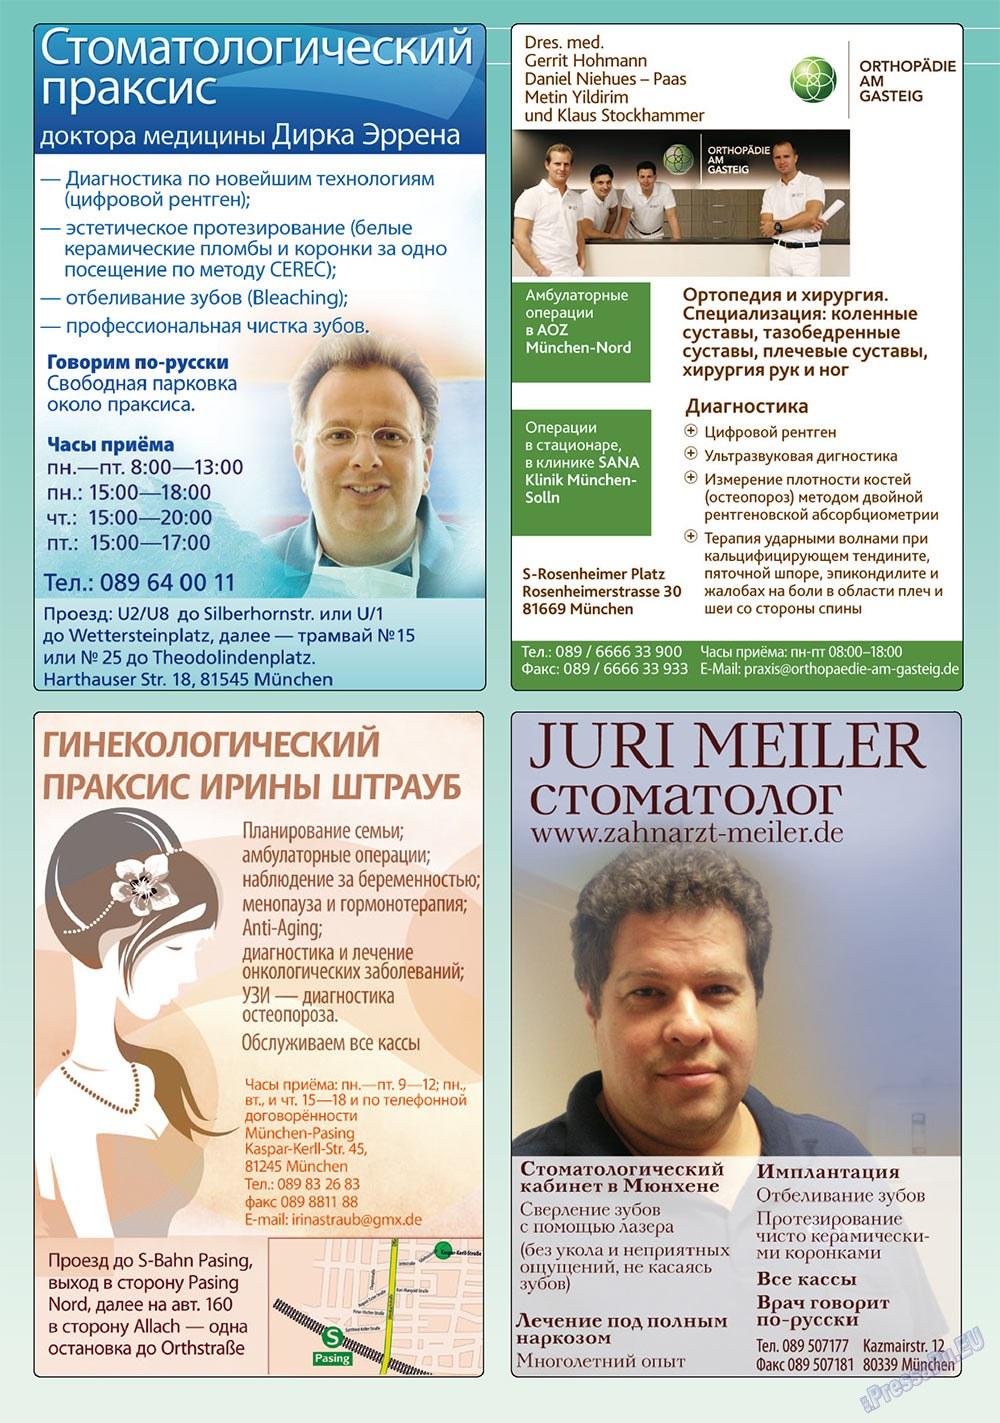 Апельсин (журнал). 2011 год, номер 22, стр. 37